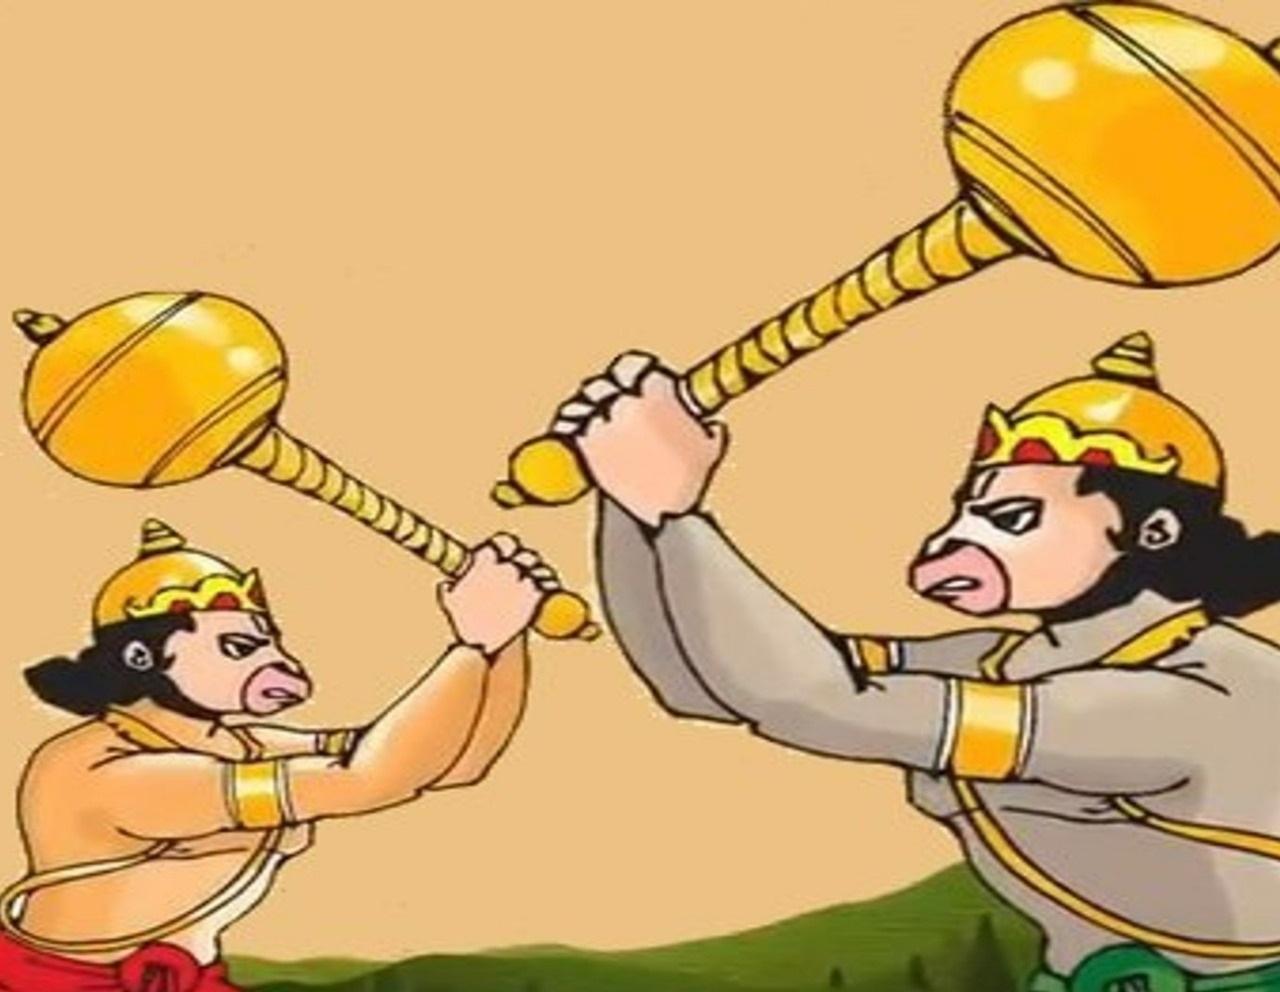 When Hanuman broke Bali's pride